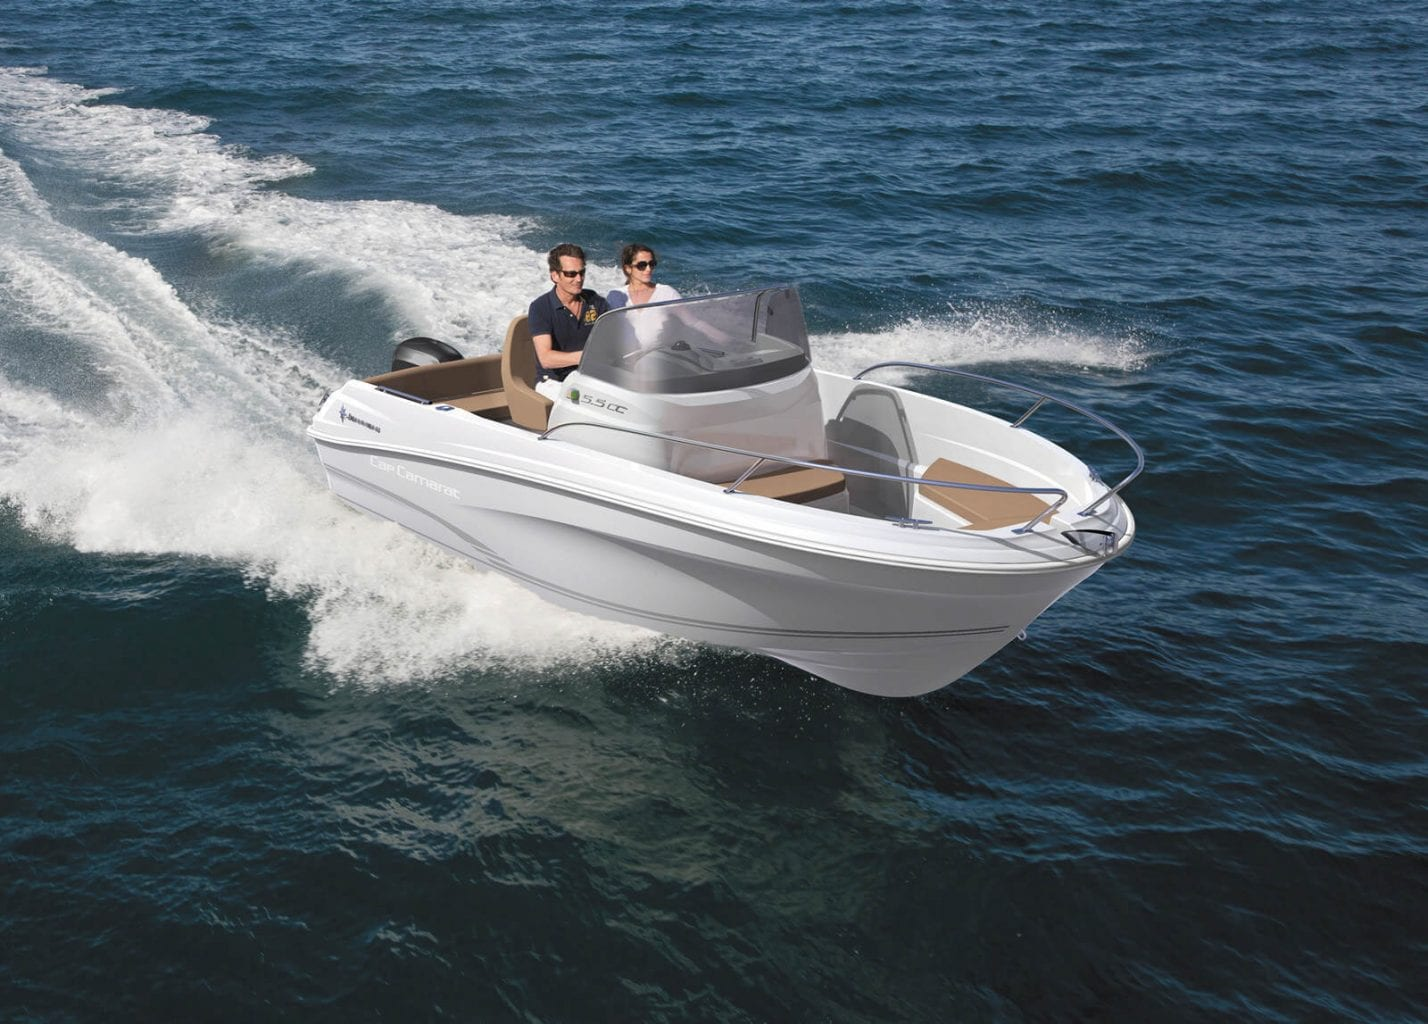 סירת מנוע Jeanneau Cap Camarat 5.5cc - סירת מנוע Jeanneau Cap Camarat 5.5cc - סטרים יאכטות